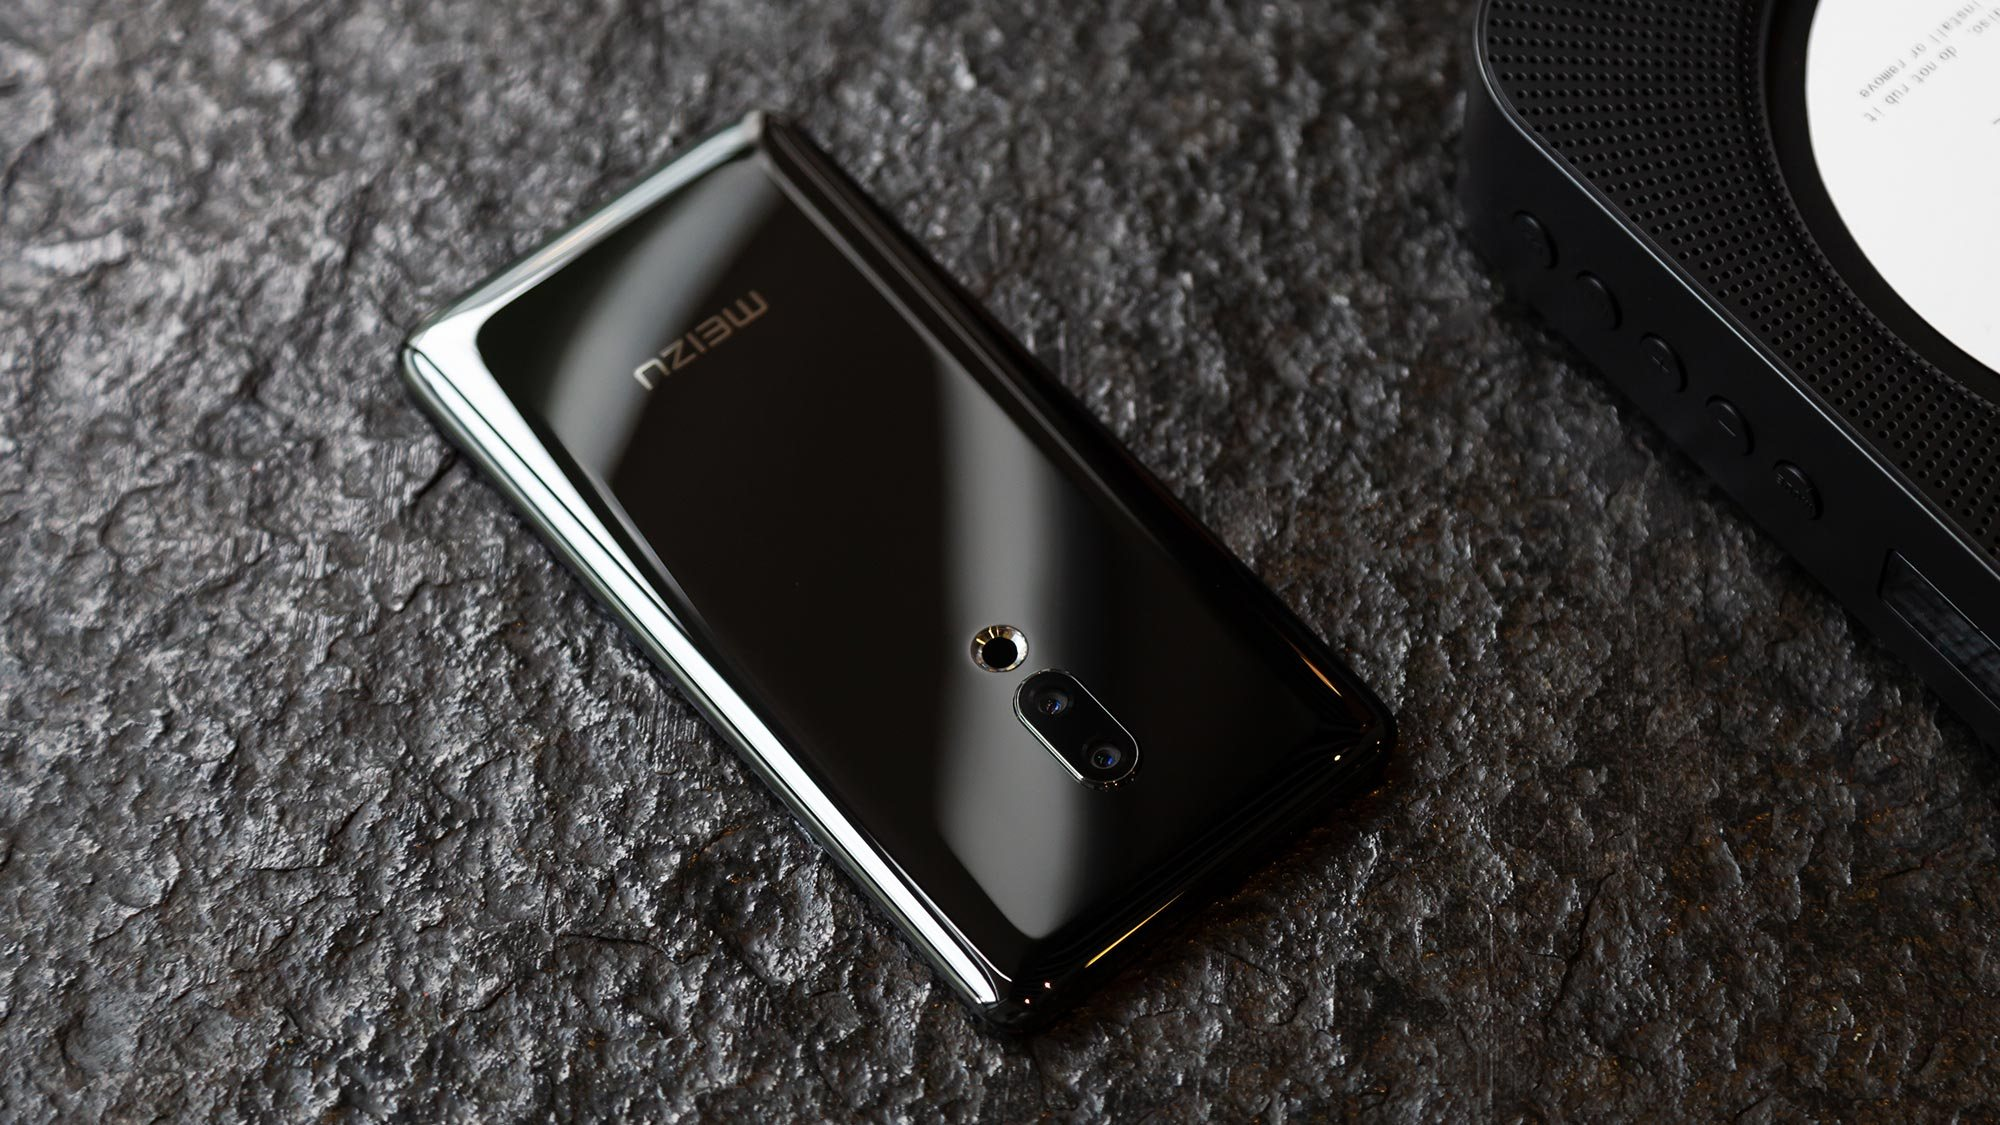 Meizu Zero : le smartphone sans trou ni bouton n'était en fait « qu'un coup marketing »